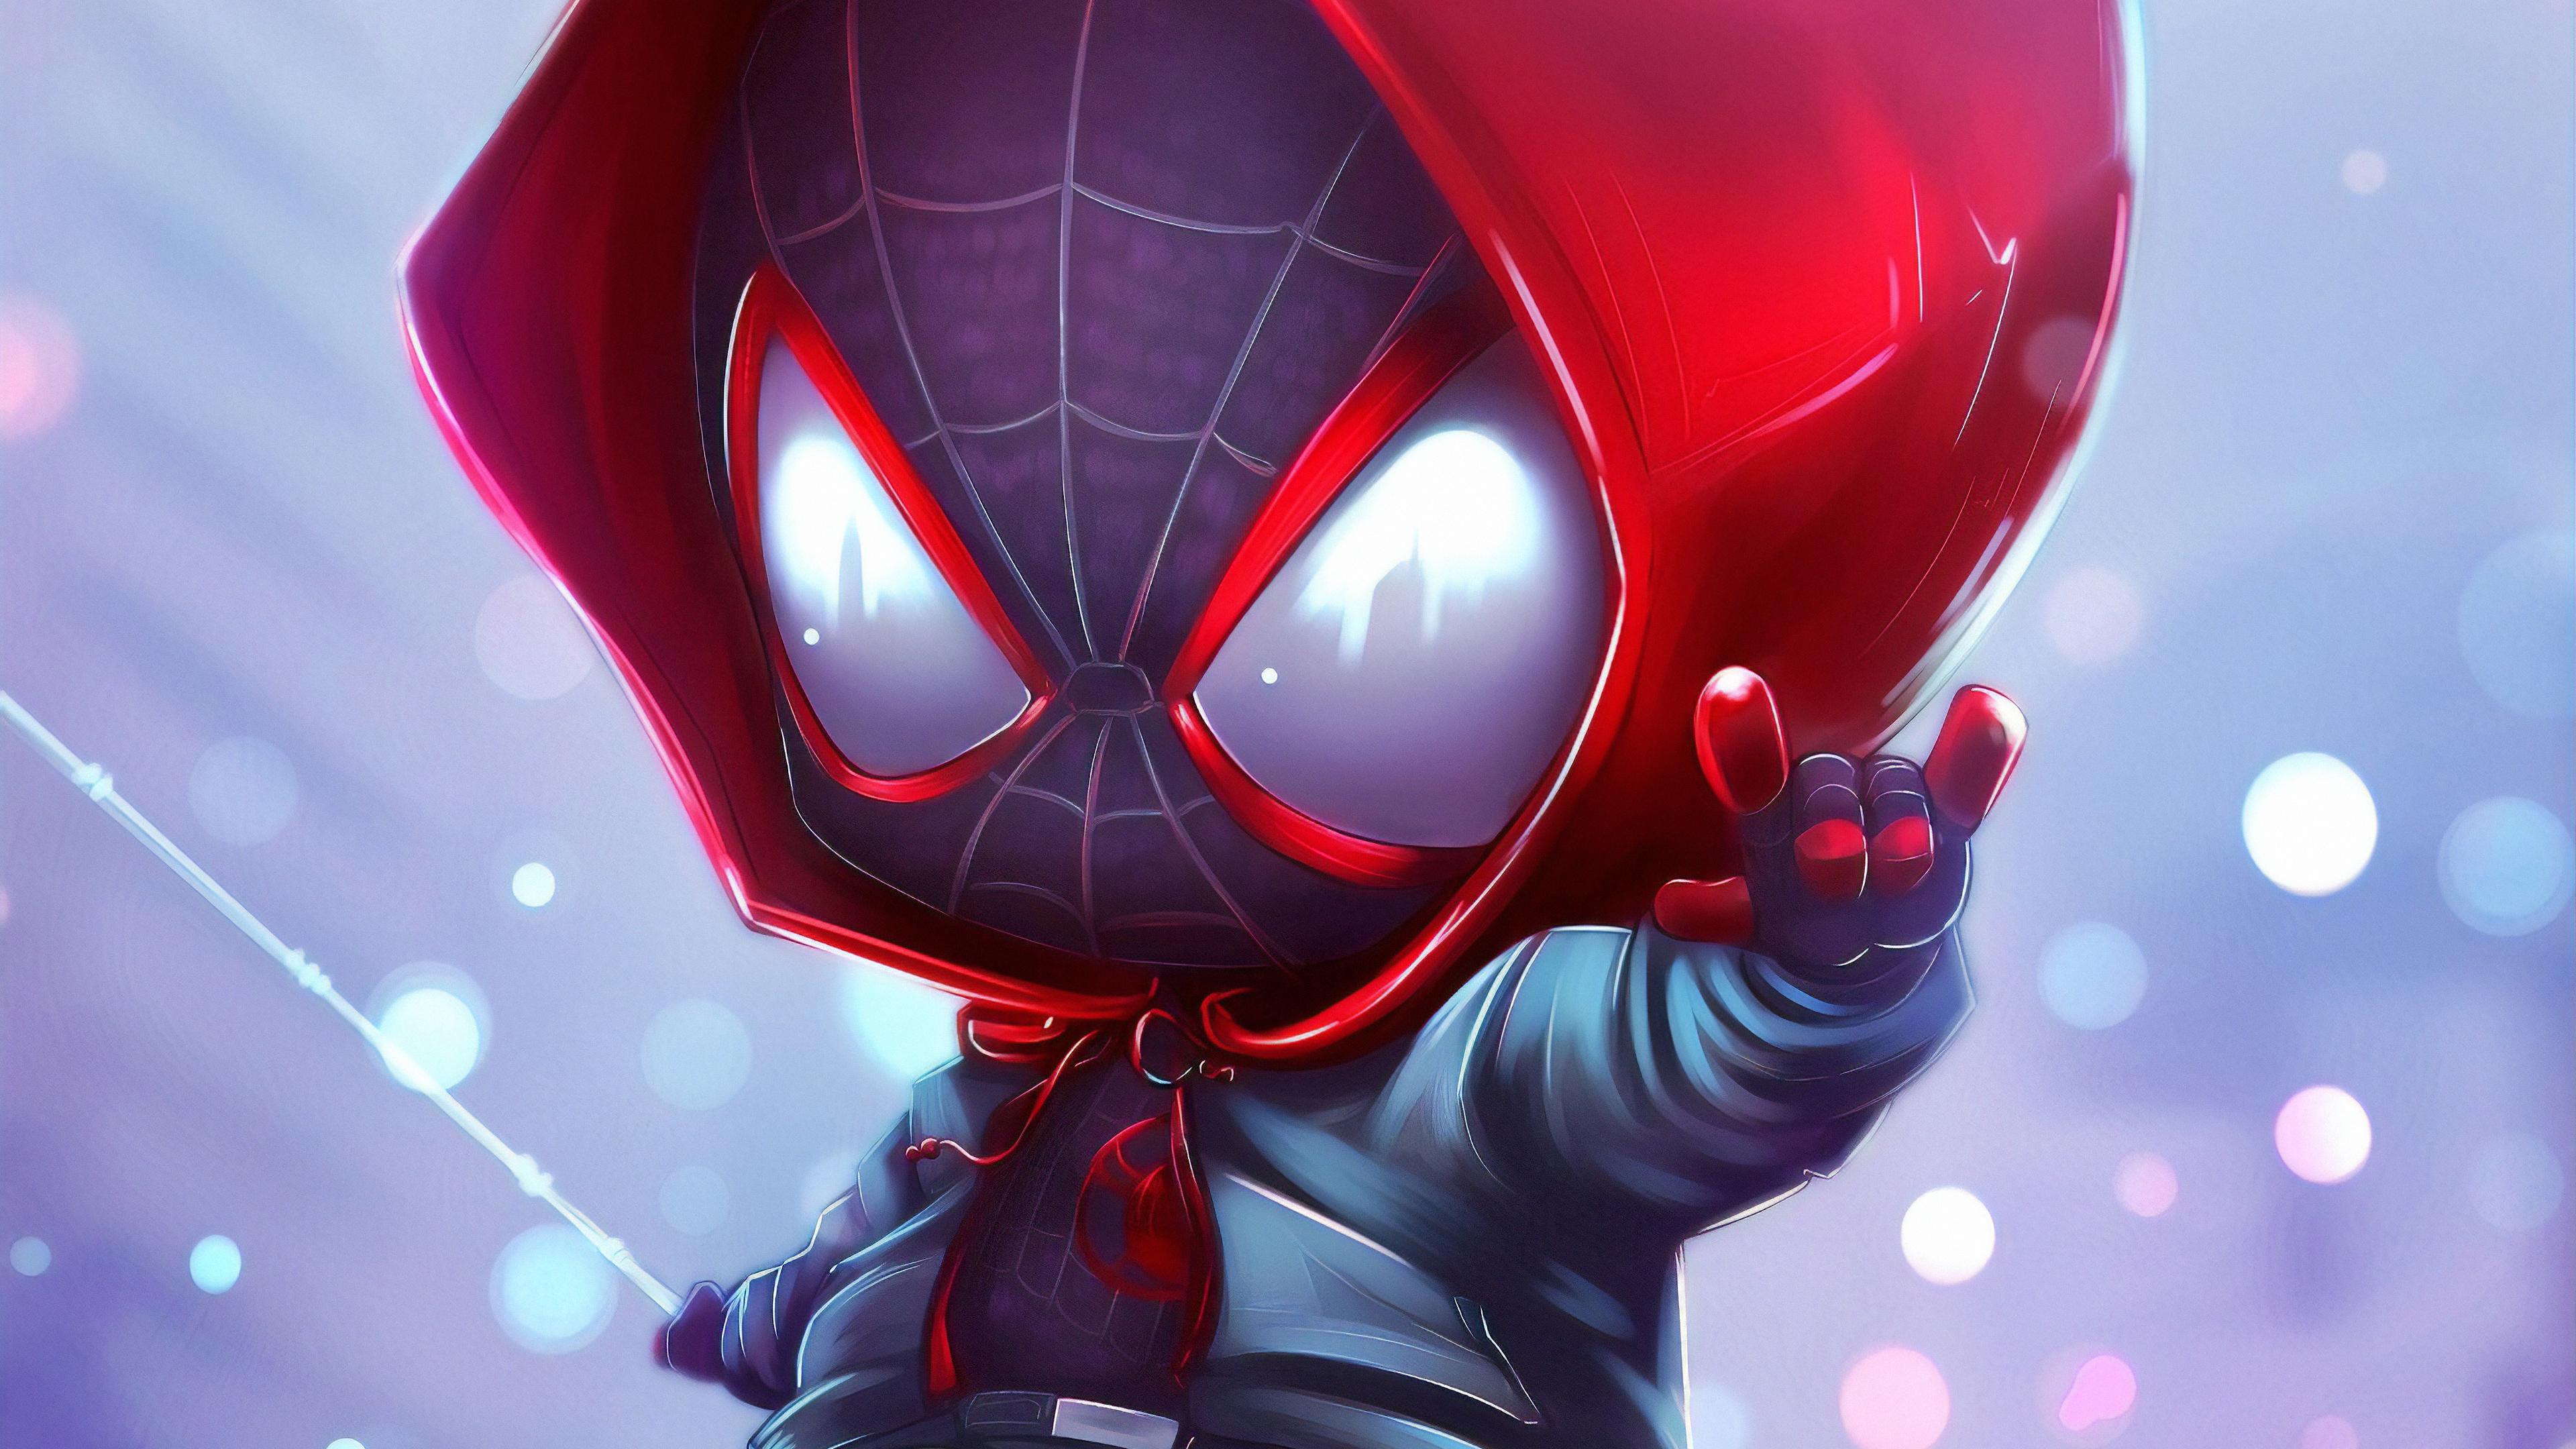 chibi spider miles 1562105694 - Chibi Spider Miles - superheroes wallpapers, spiderman wallpapers, hd-wallpapers, digital art wallpapers, artwork wallpapers, artstation wallpapers, art wallpapers, 4k-wallpapers